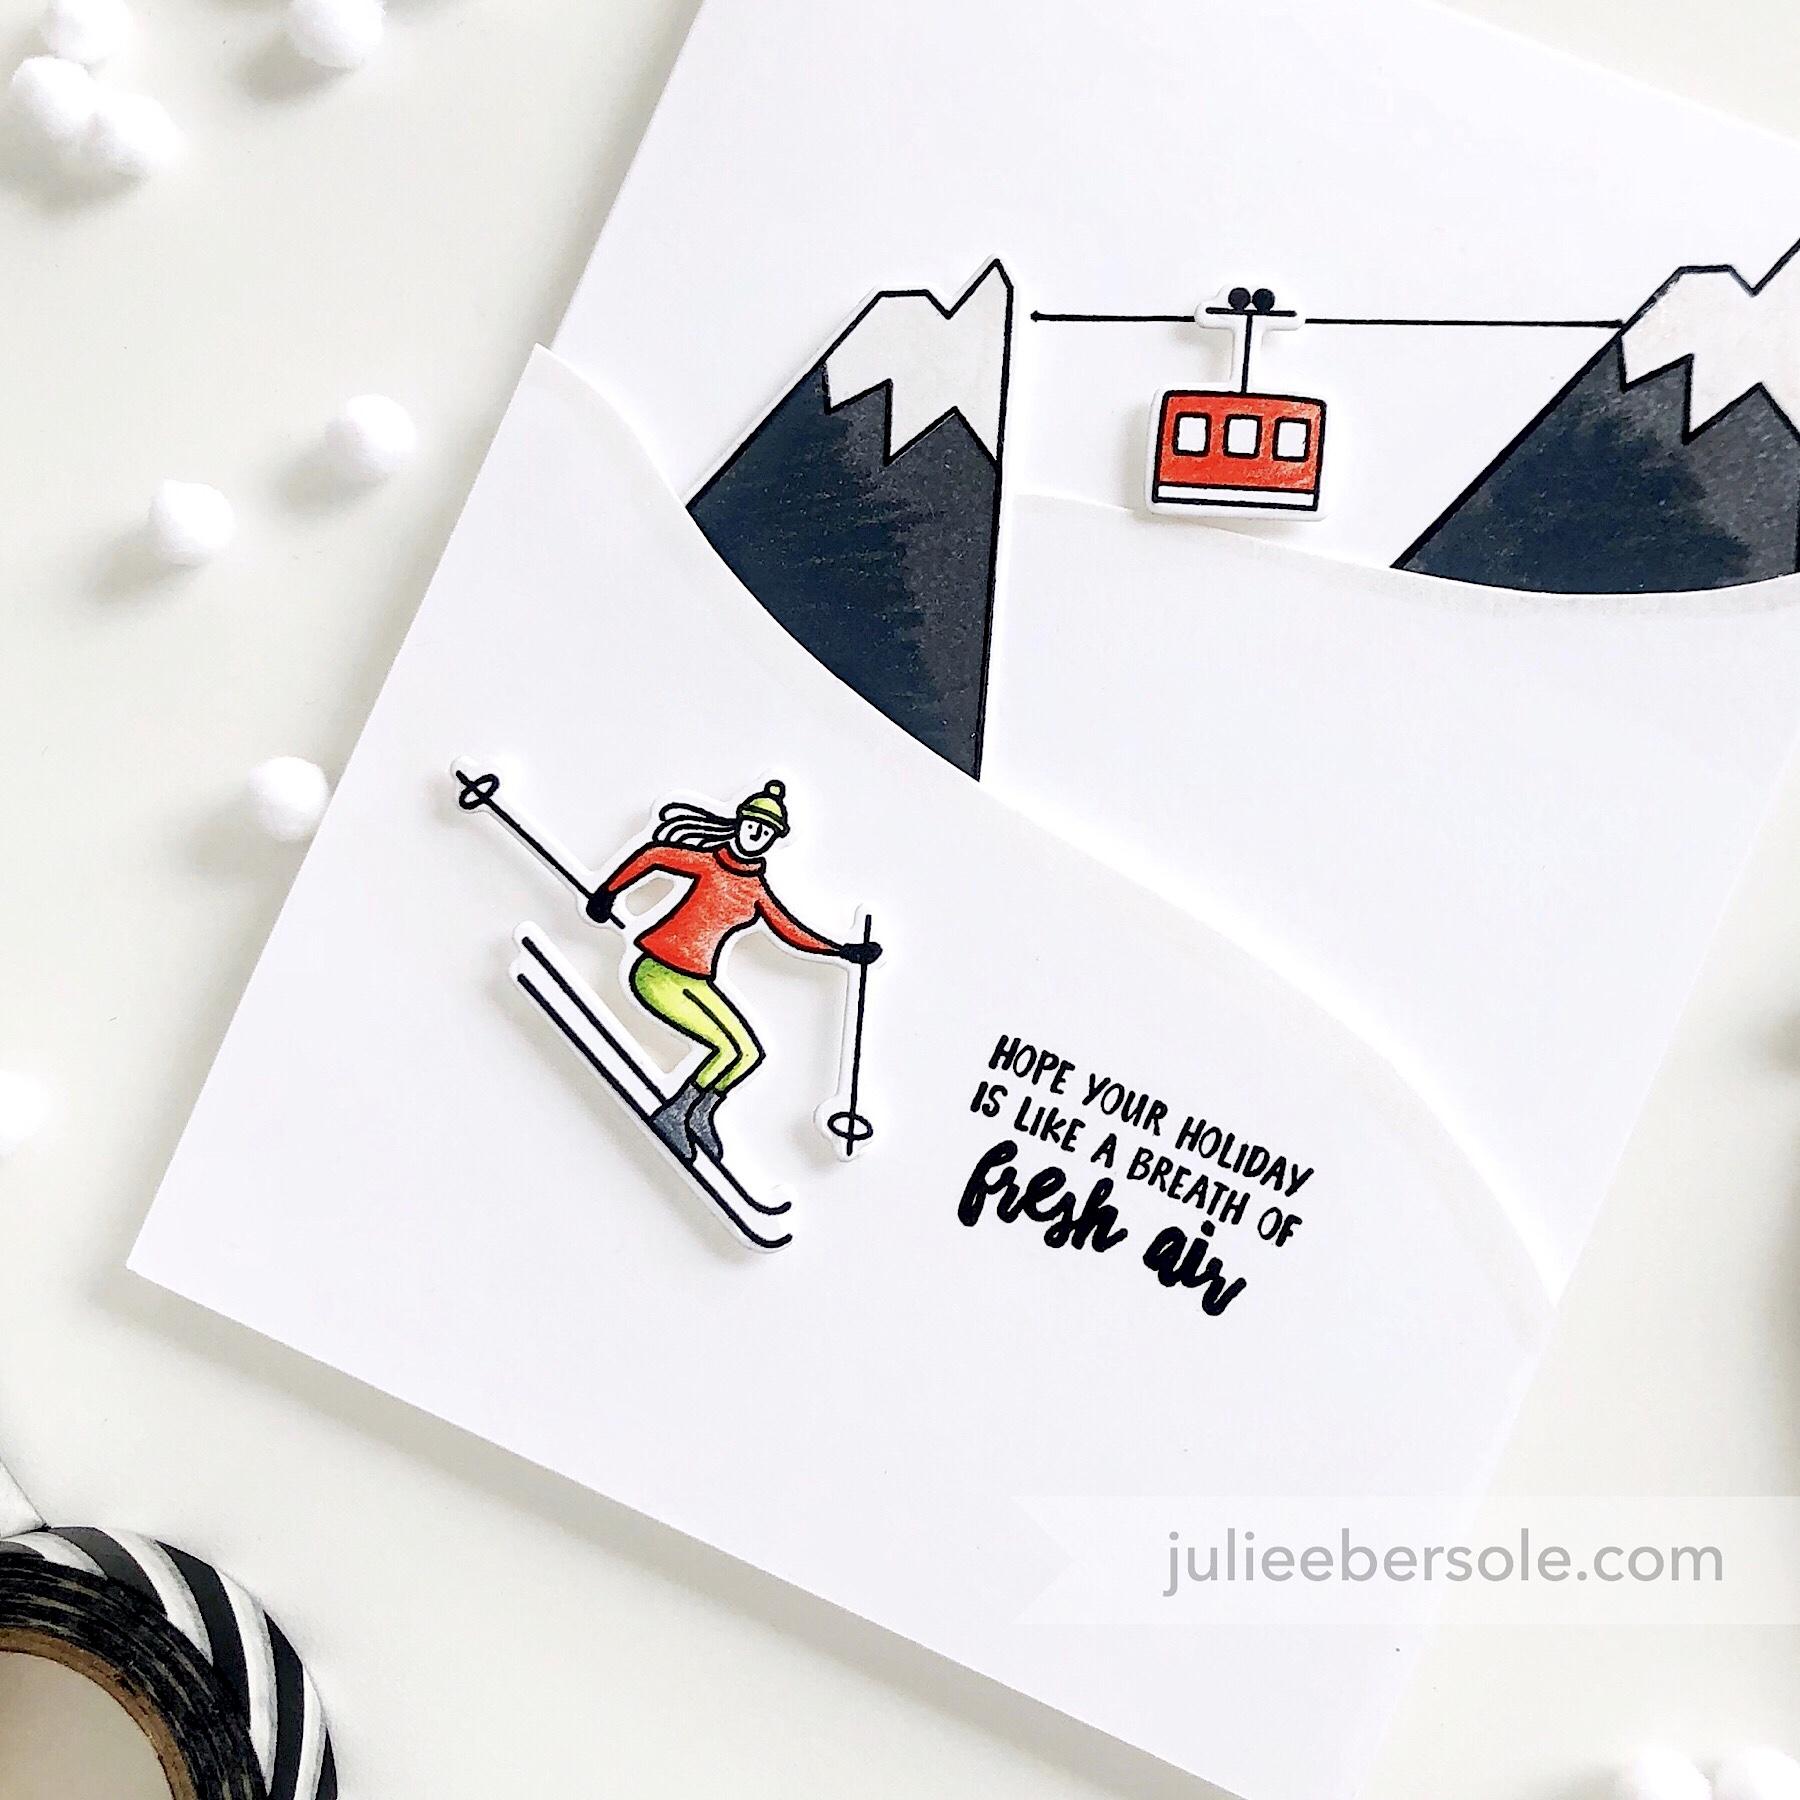 Fresh-air-skier-001-2.jpg